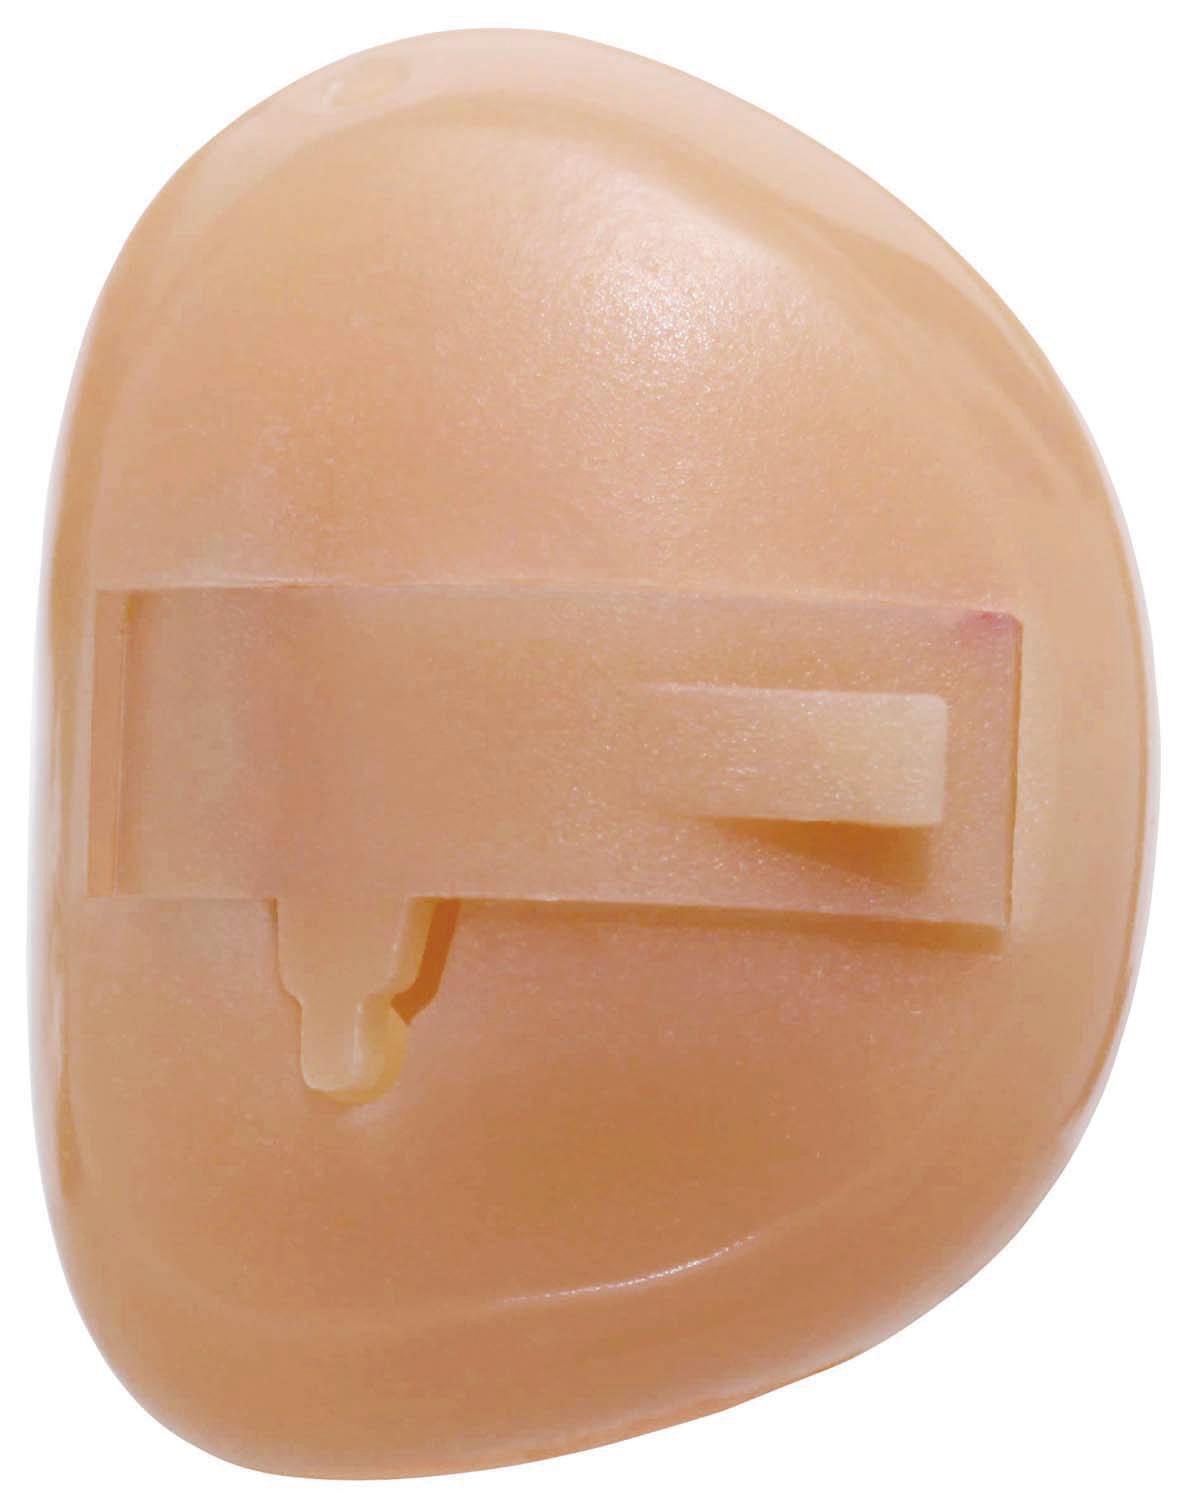 補聴器 補助金 耳あな型